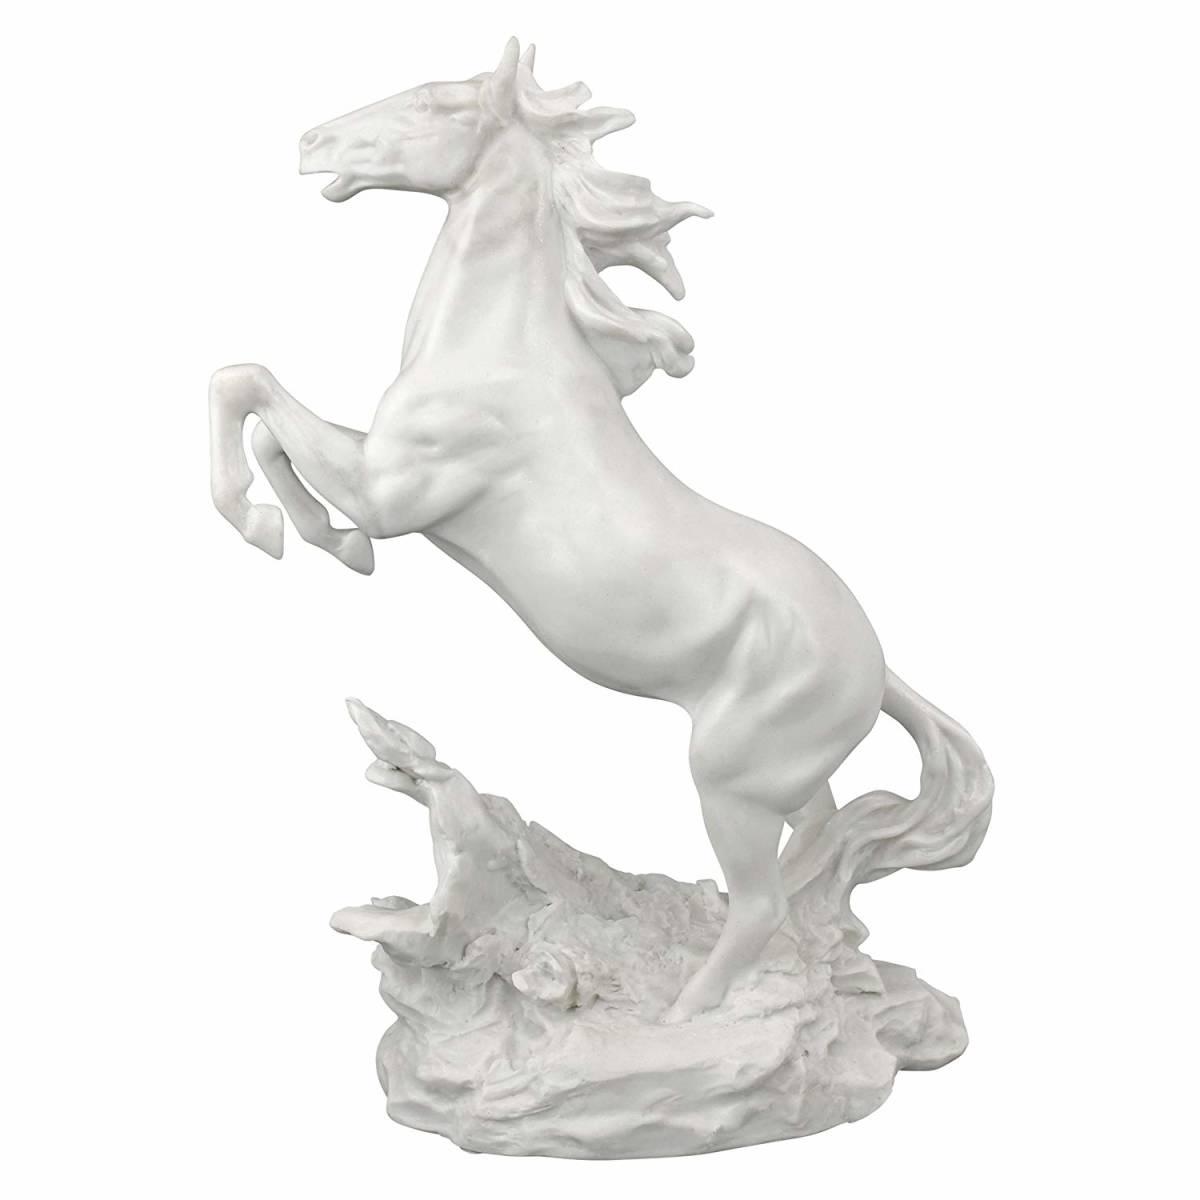 デザイン・トスカナ製 手付かずの美しさの大理石風 駿馬の像彫刻 彫像置物/ Design Toscano Untamed Beauty Bonded Marble Horse Statue(_画像4